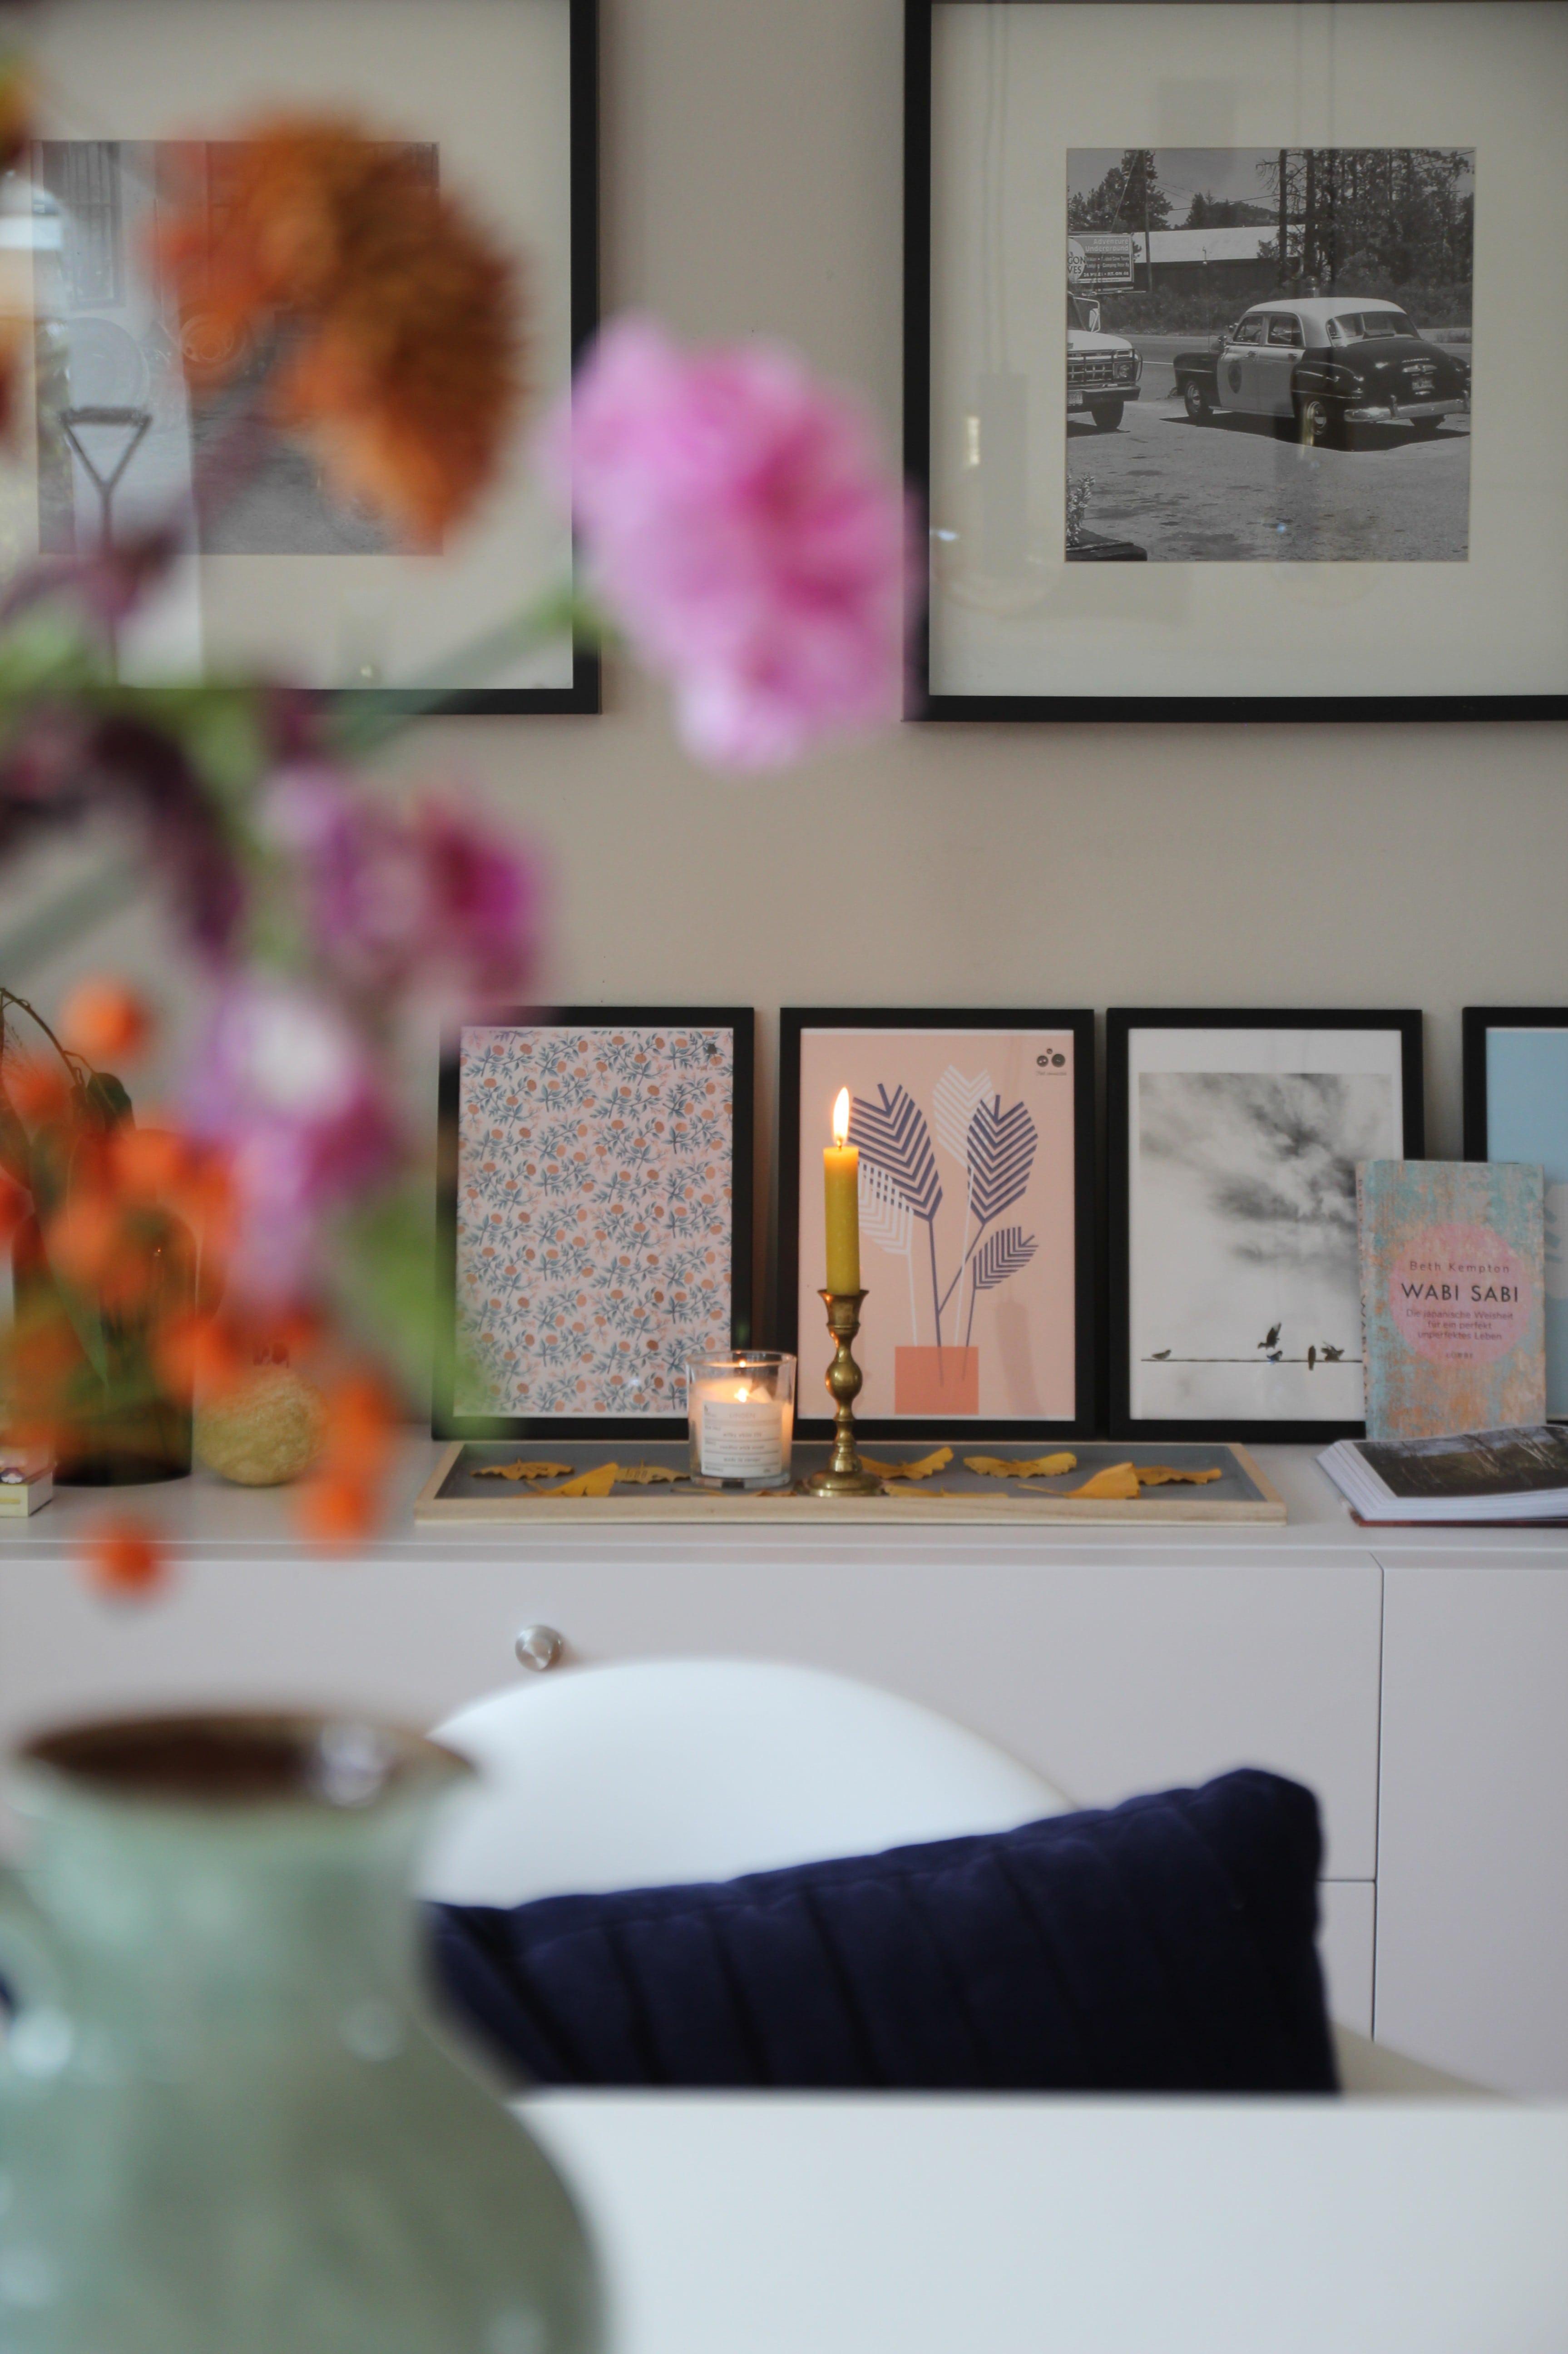 Bilderrahmen und Wanddeko - Zuhause bei Stefanie - Dekoideen und zeitlose Accessoires zeigt sie bei desmondo.de